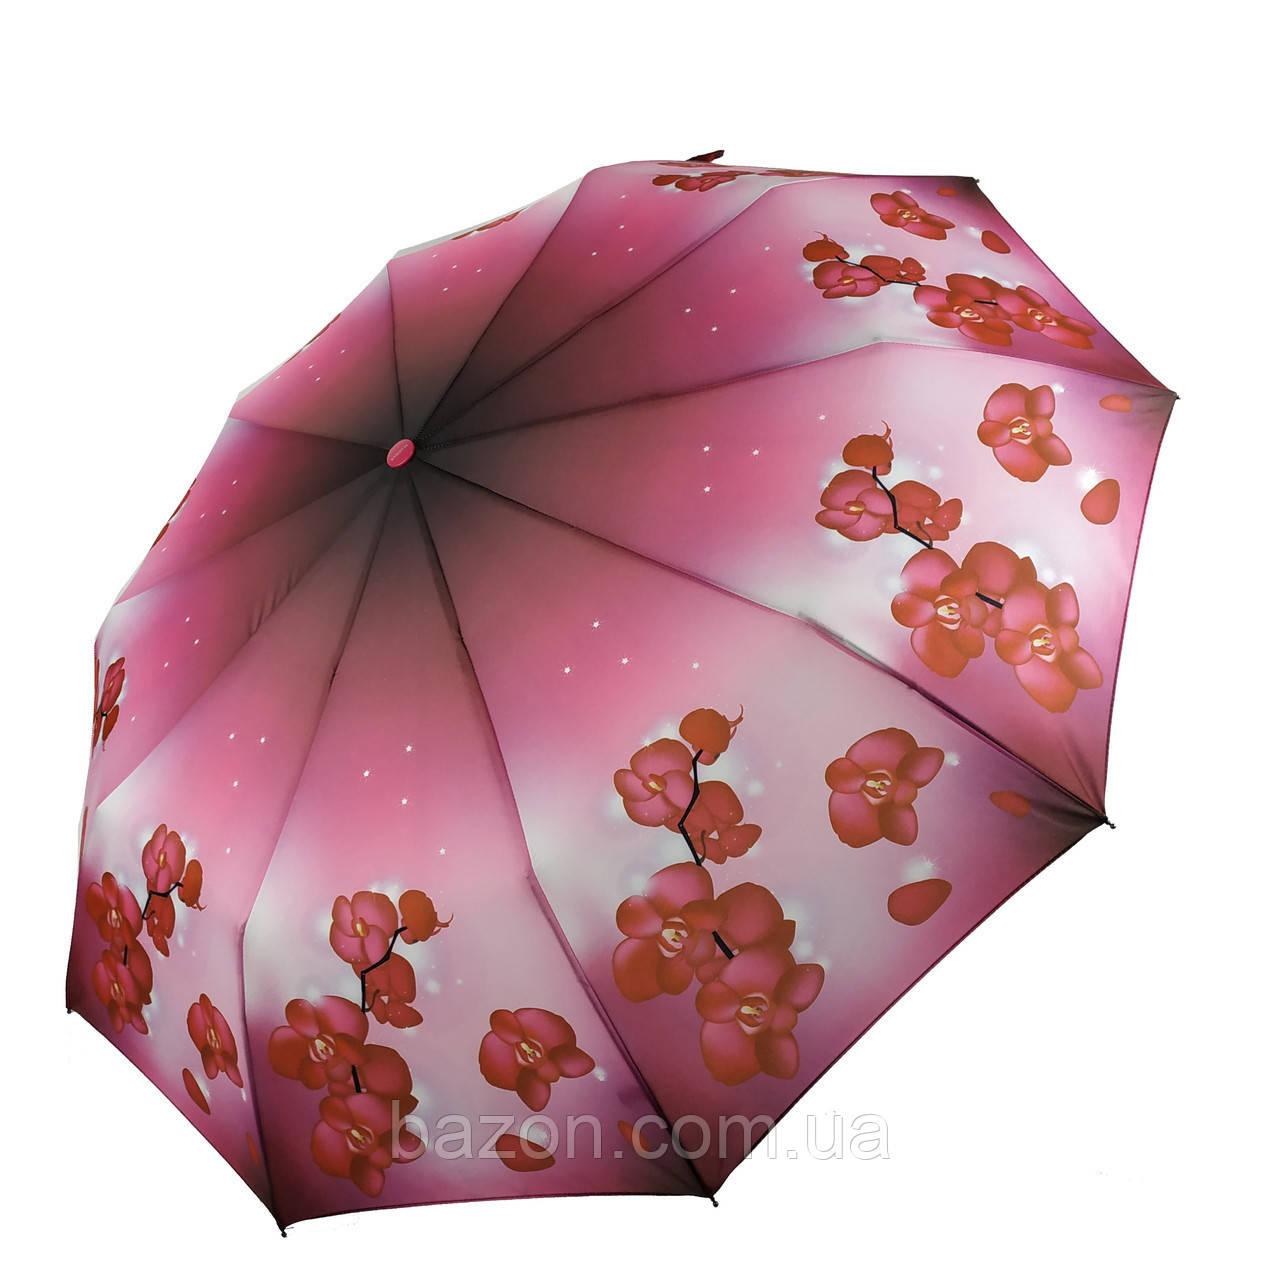 Женский зонтик полуавтомат с орхидеями от Flagman / Флагман, малиновый,  733-1